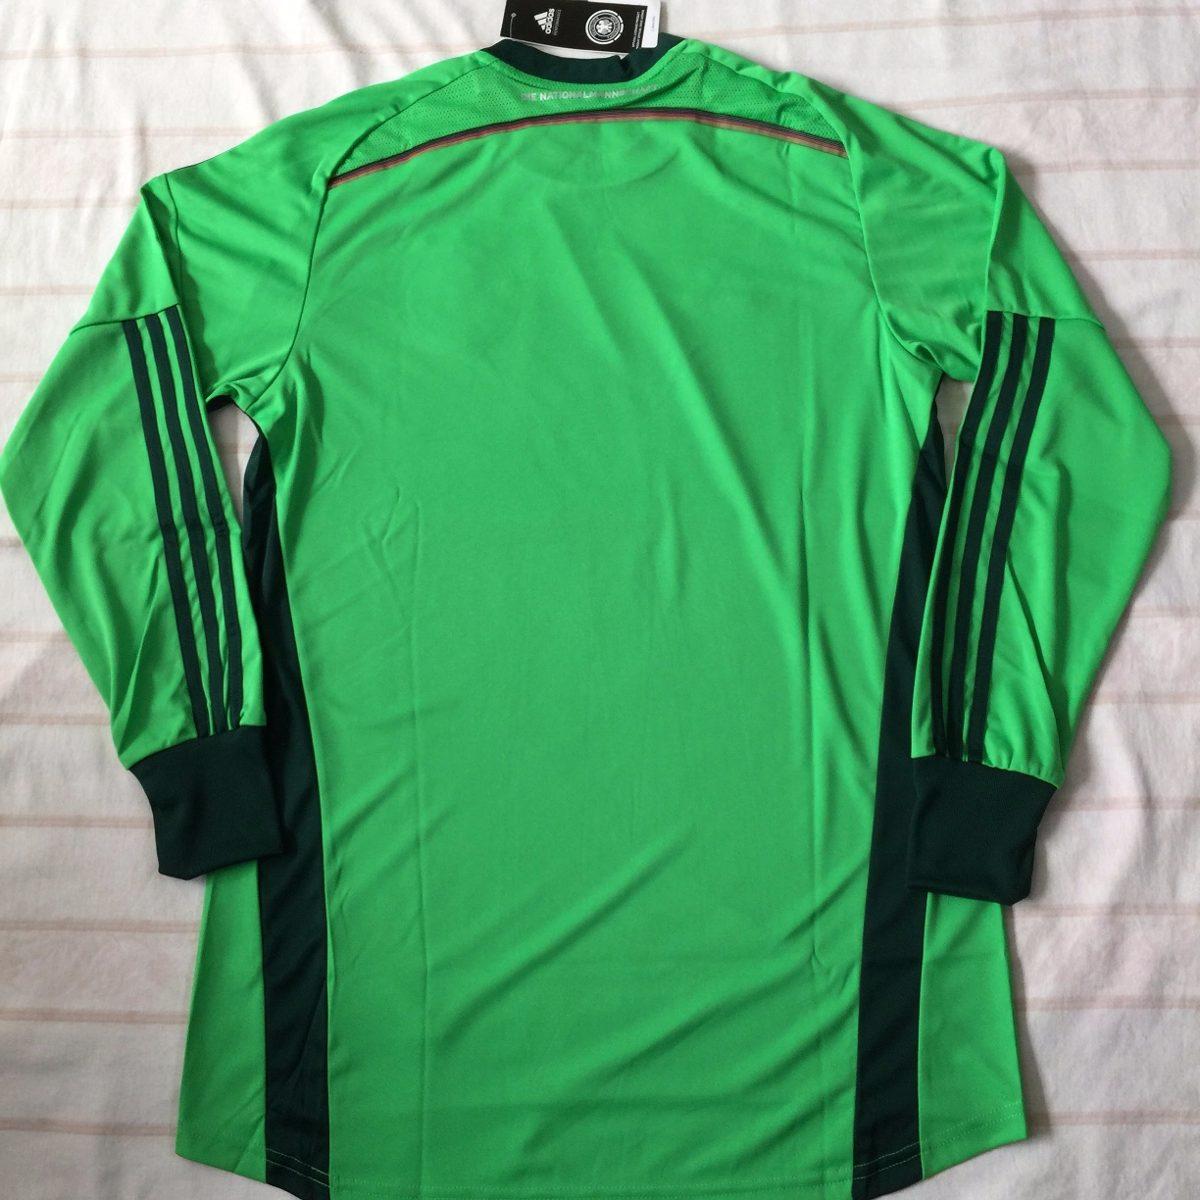 d85421 camisa goleiro adidas alemanha 2014 m verde fn1608. Carregando zoom. c3779b534cd9b